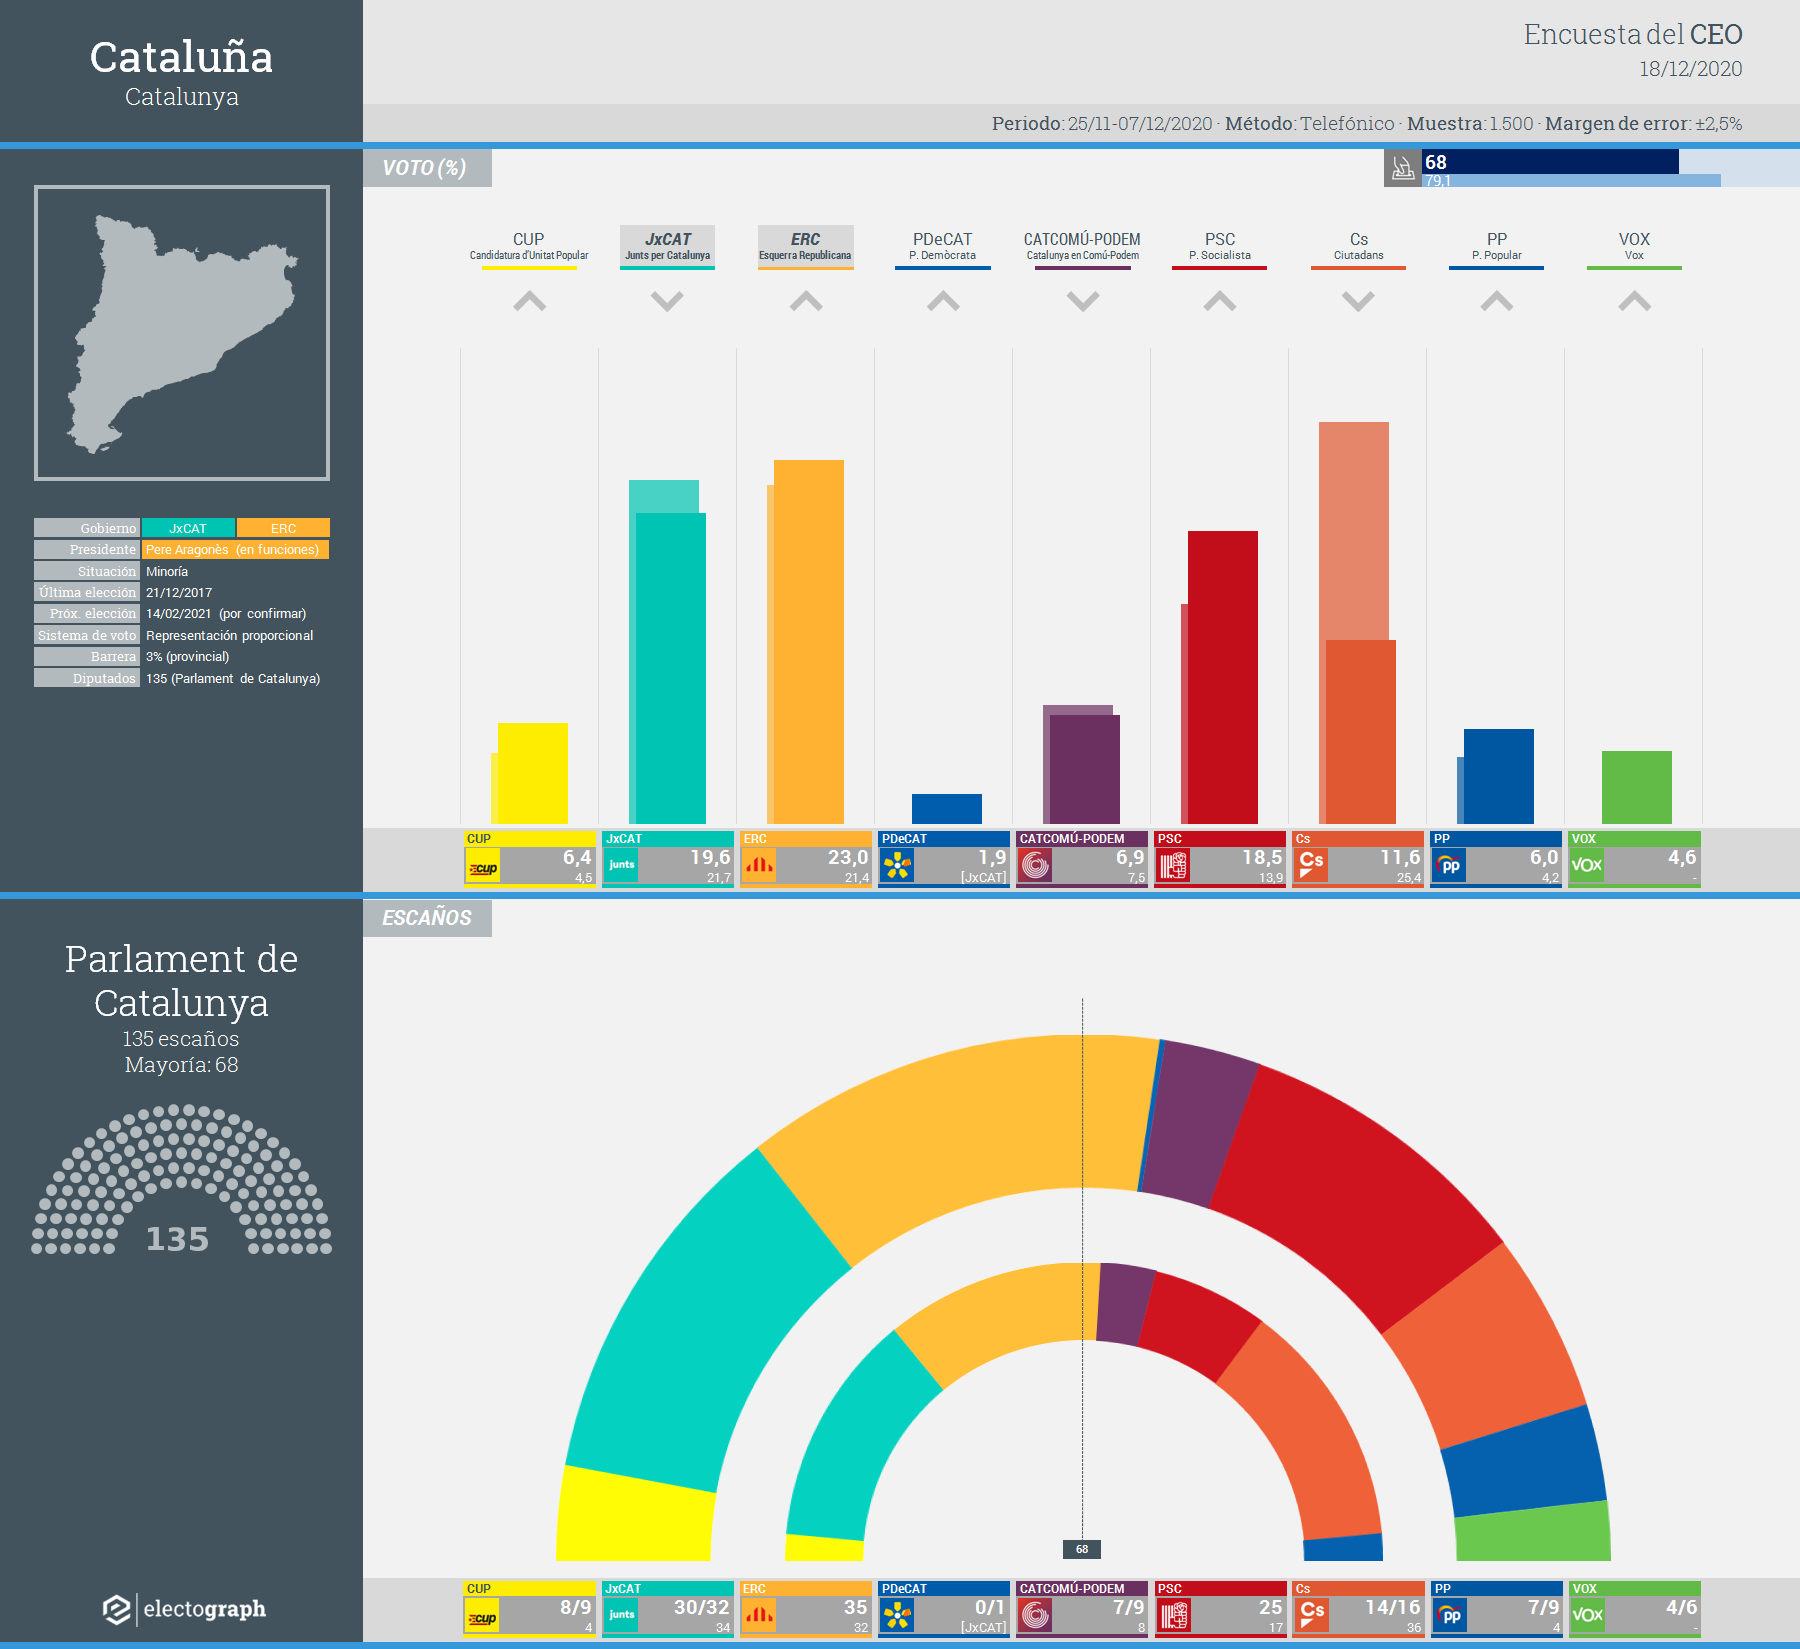 Gráfico de la encuesta para elecciones generales en Cataluña realizada por el CEO y GESOP, 18 de diciembre de 2020